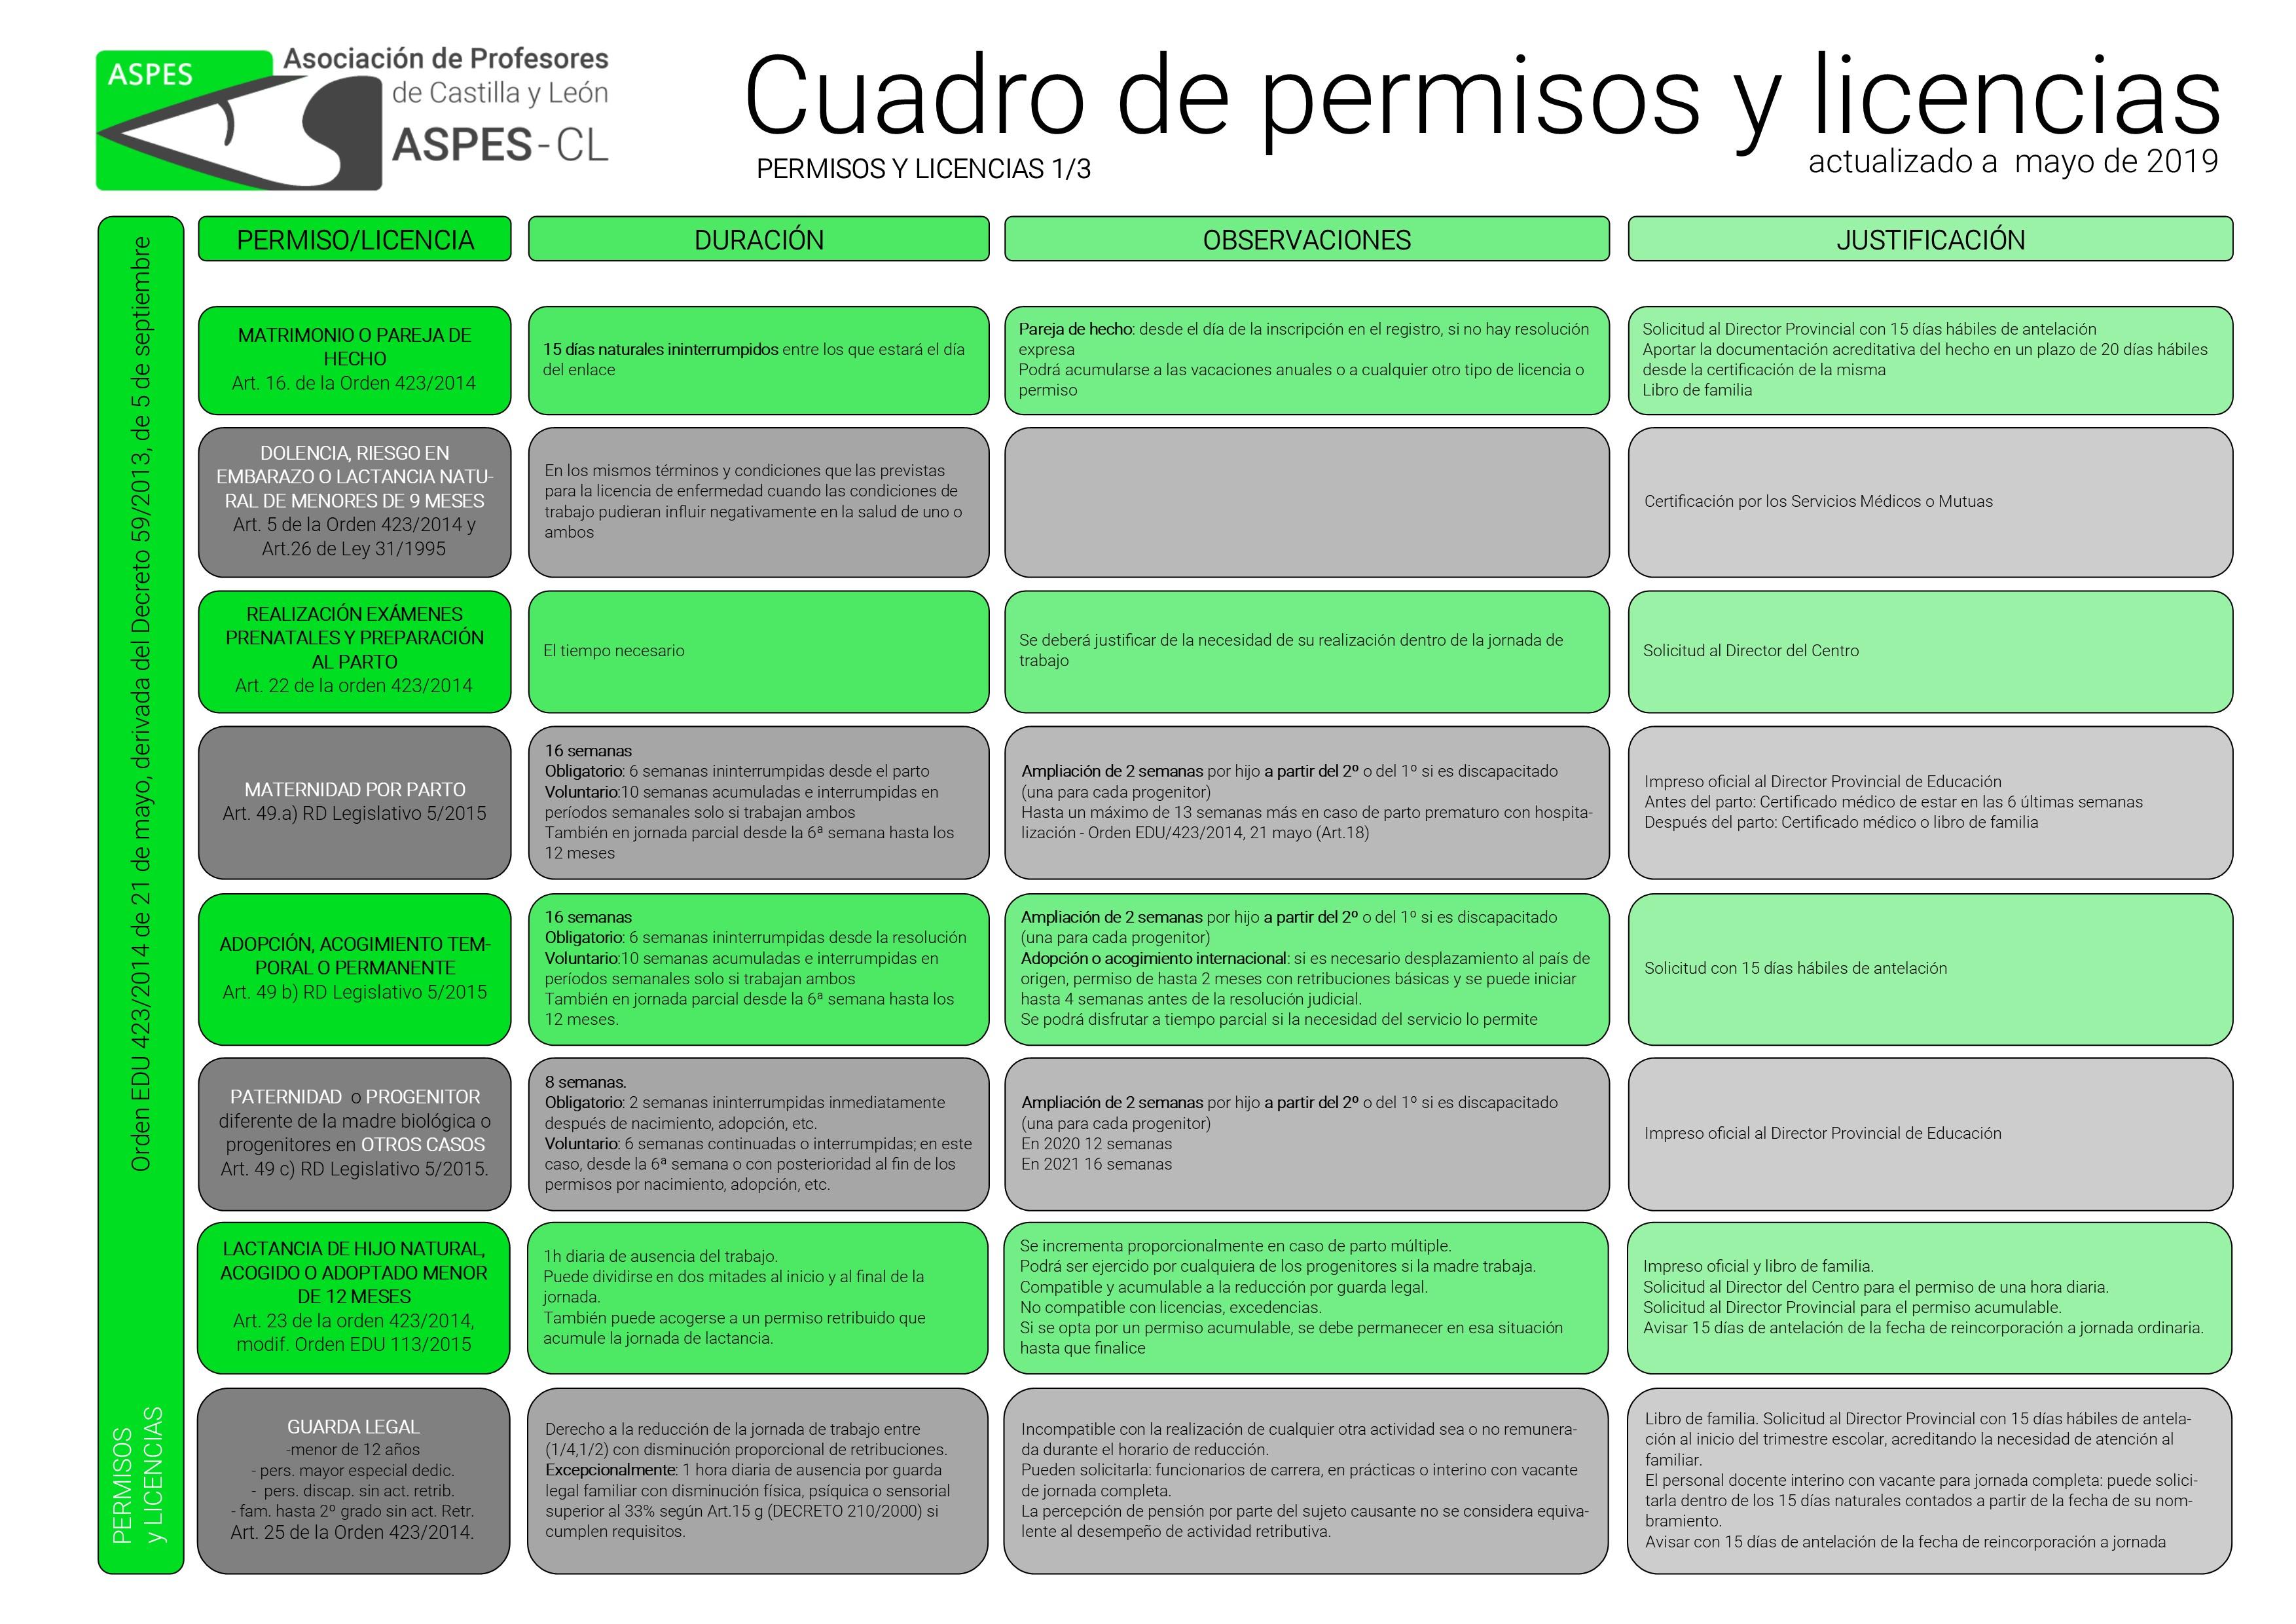 Calendario Laboral 2020 Galicia Pdf.Archivo Historico